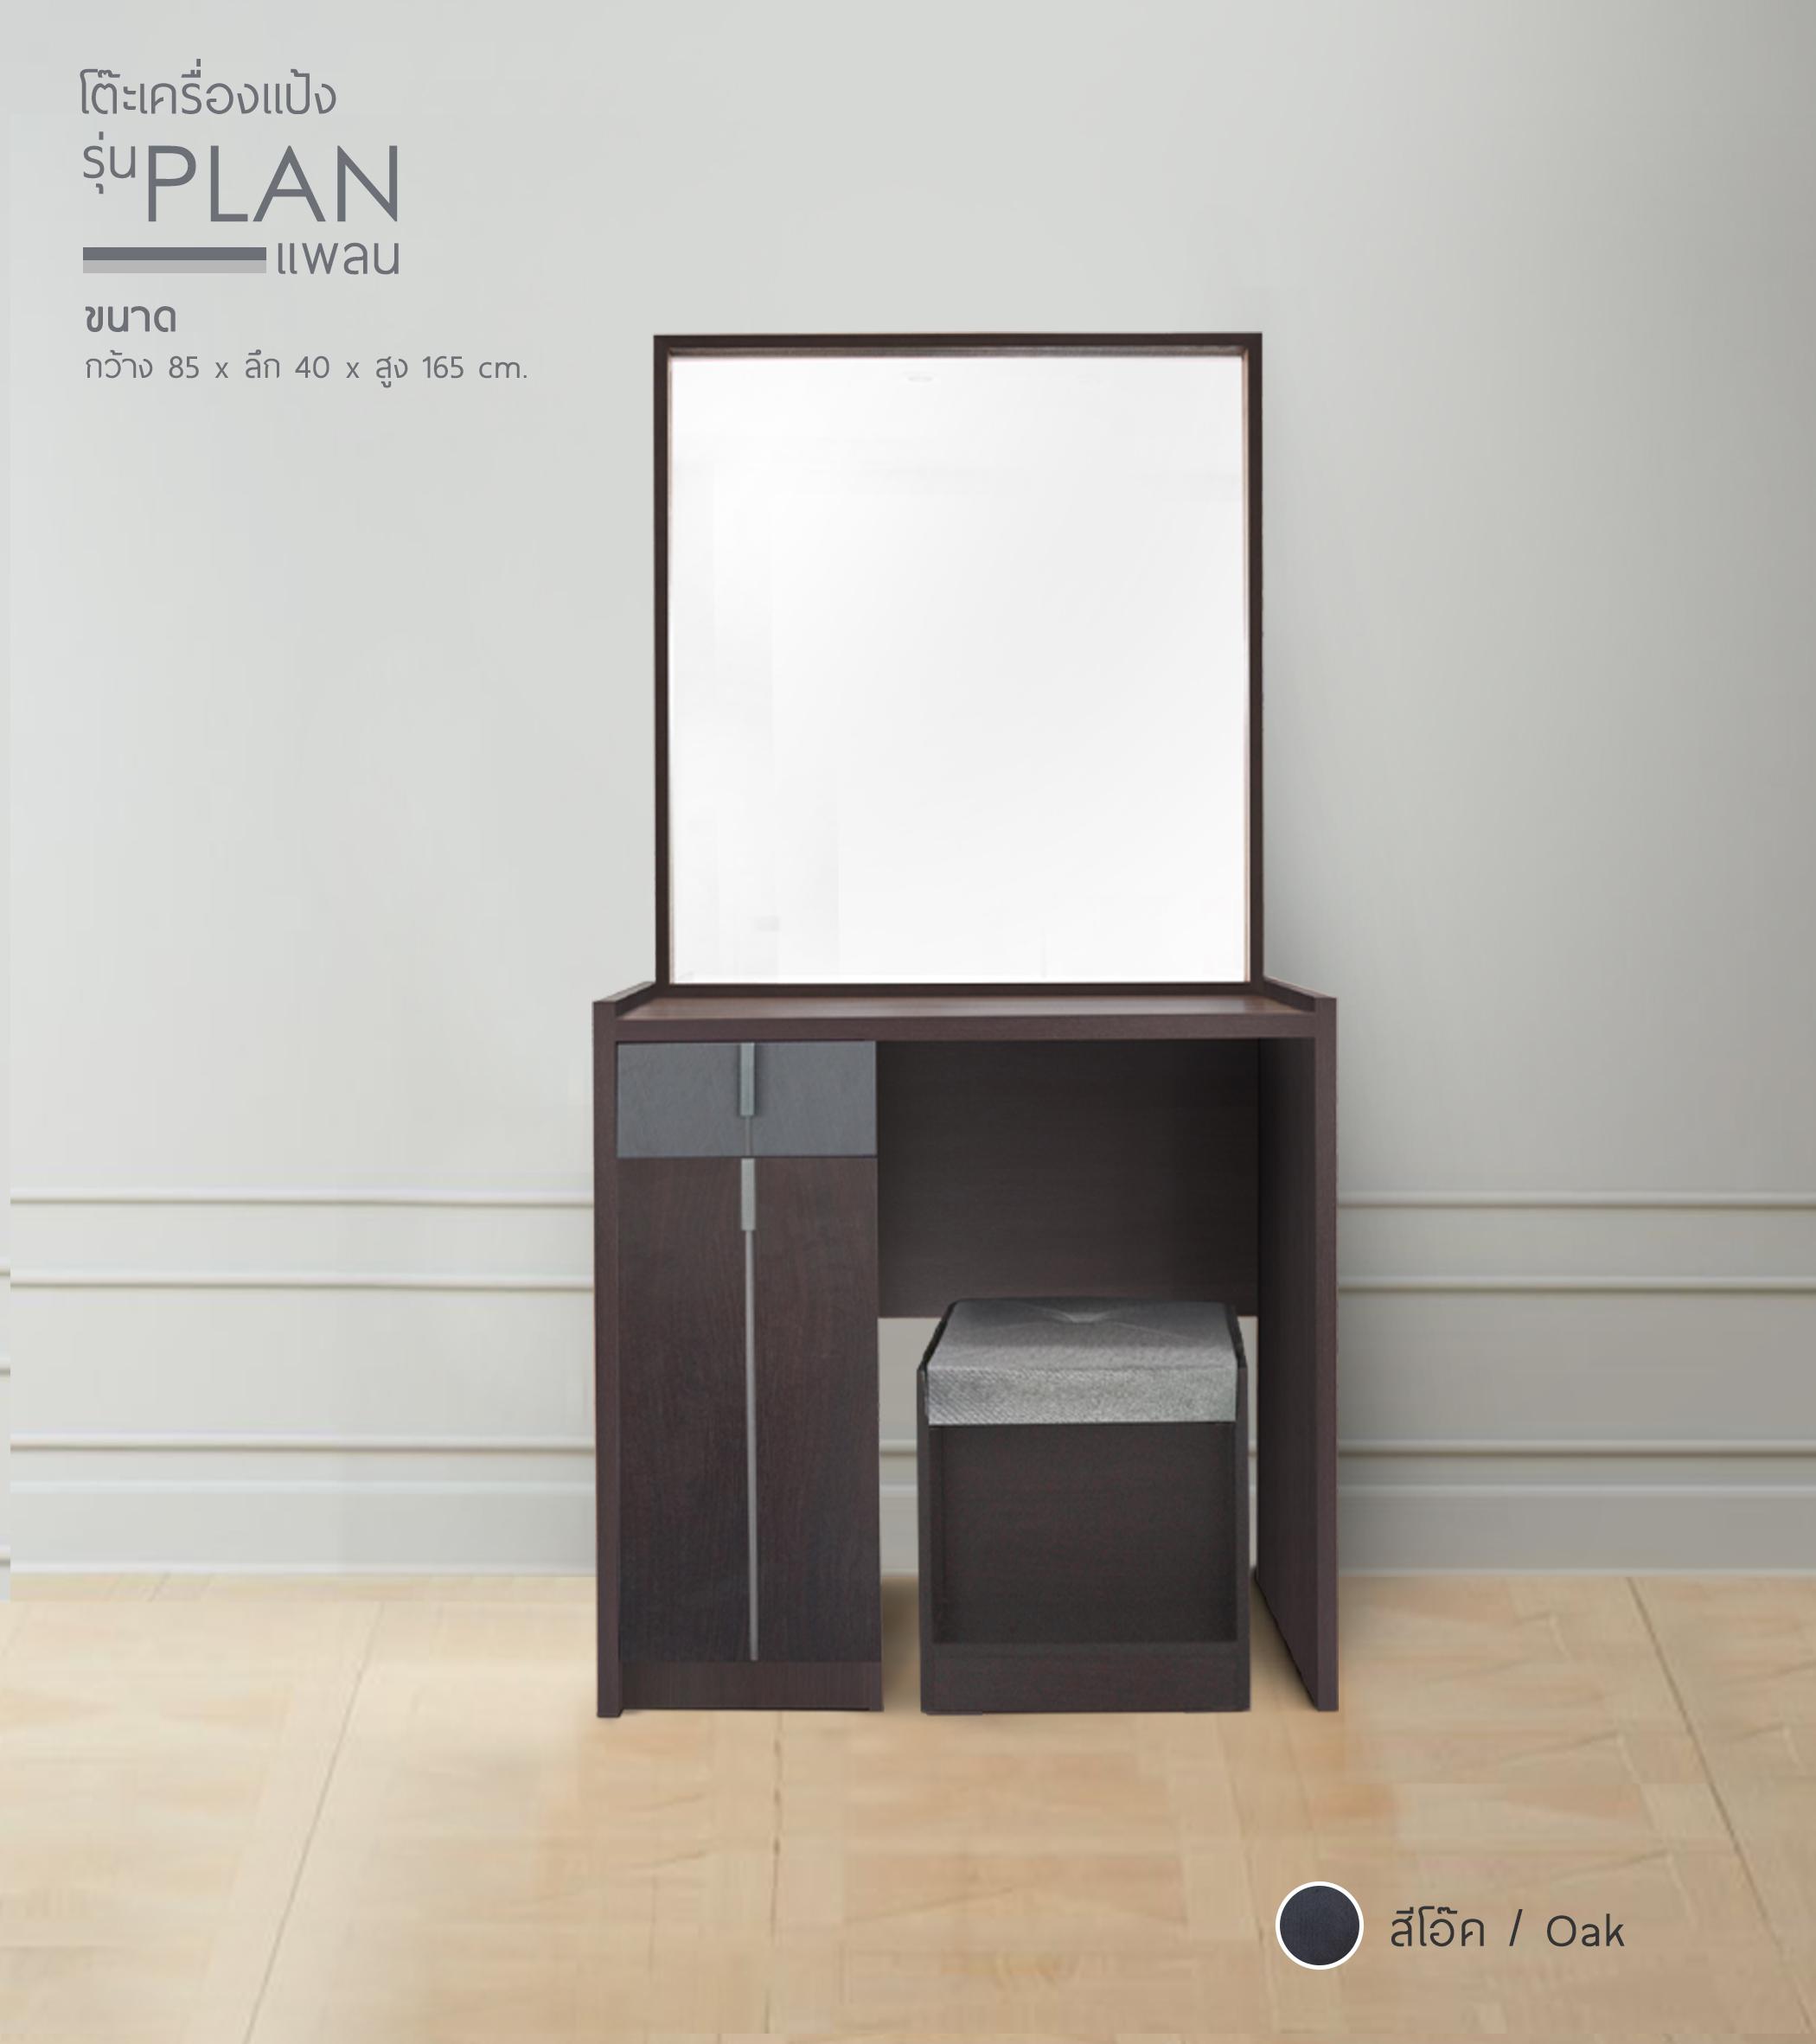 โต๊ะเครื่องแป้ง PLAN สีโอ๊ค